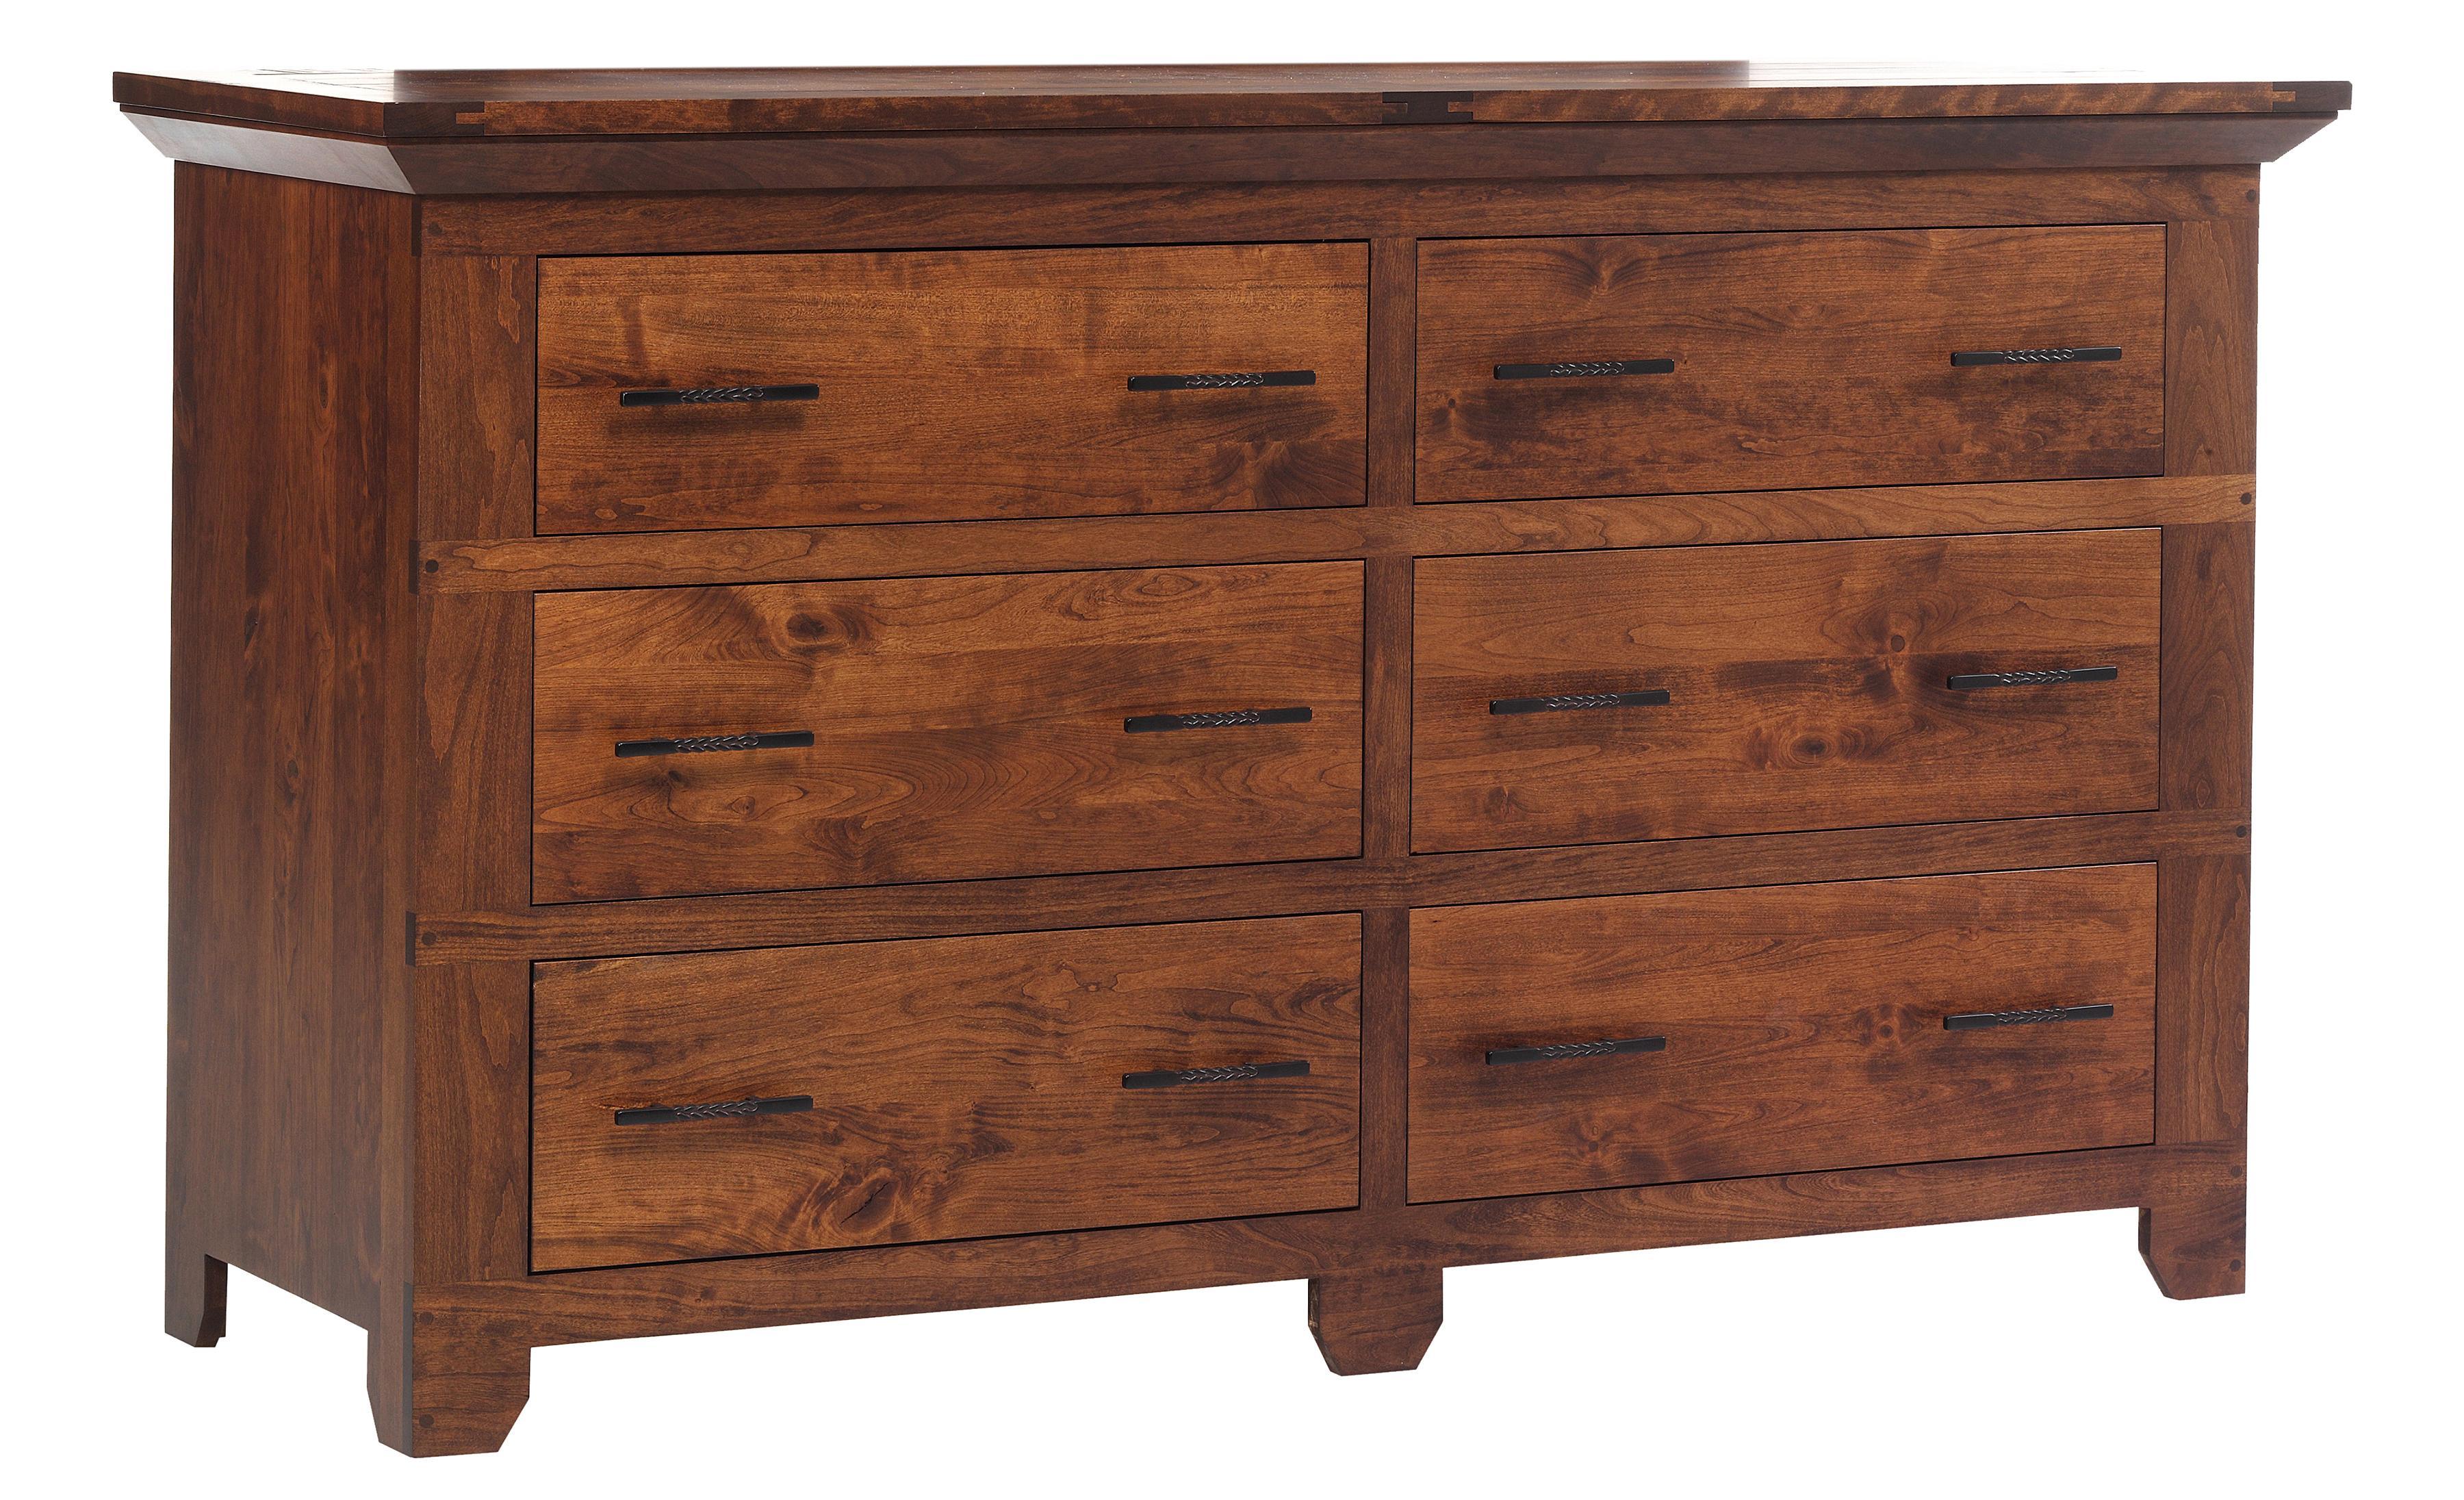 Redmond Wellington Dresser by Millcraft at Saugerties Furniture Mart